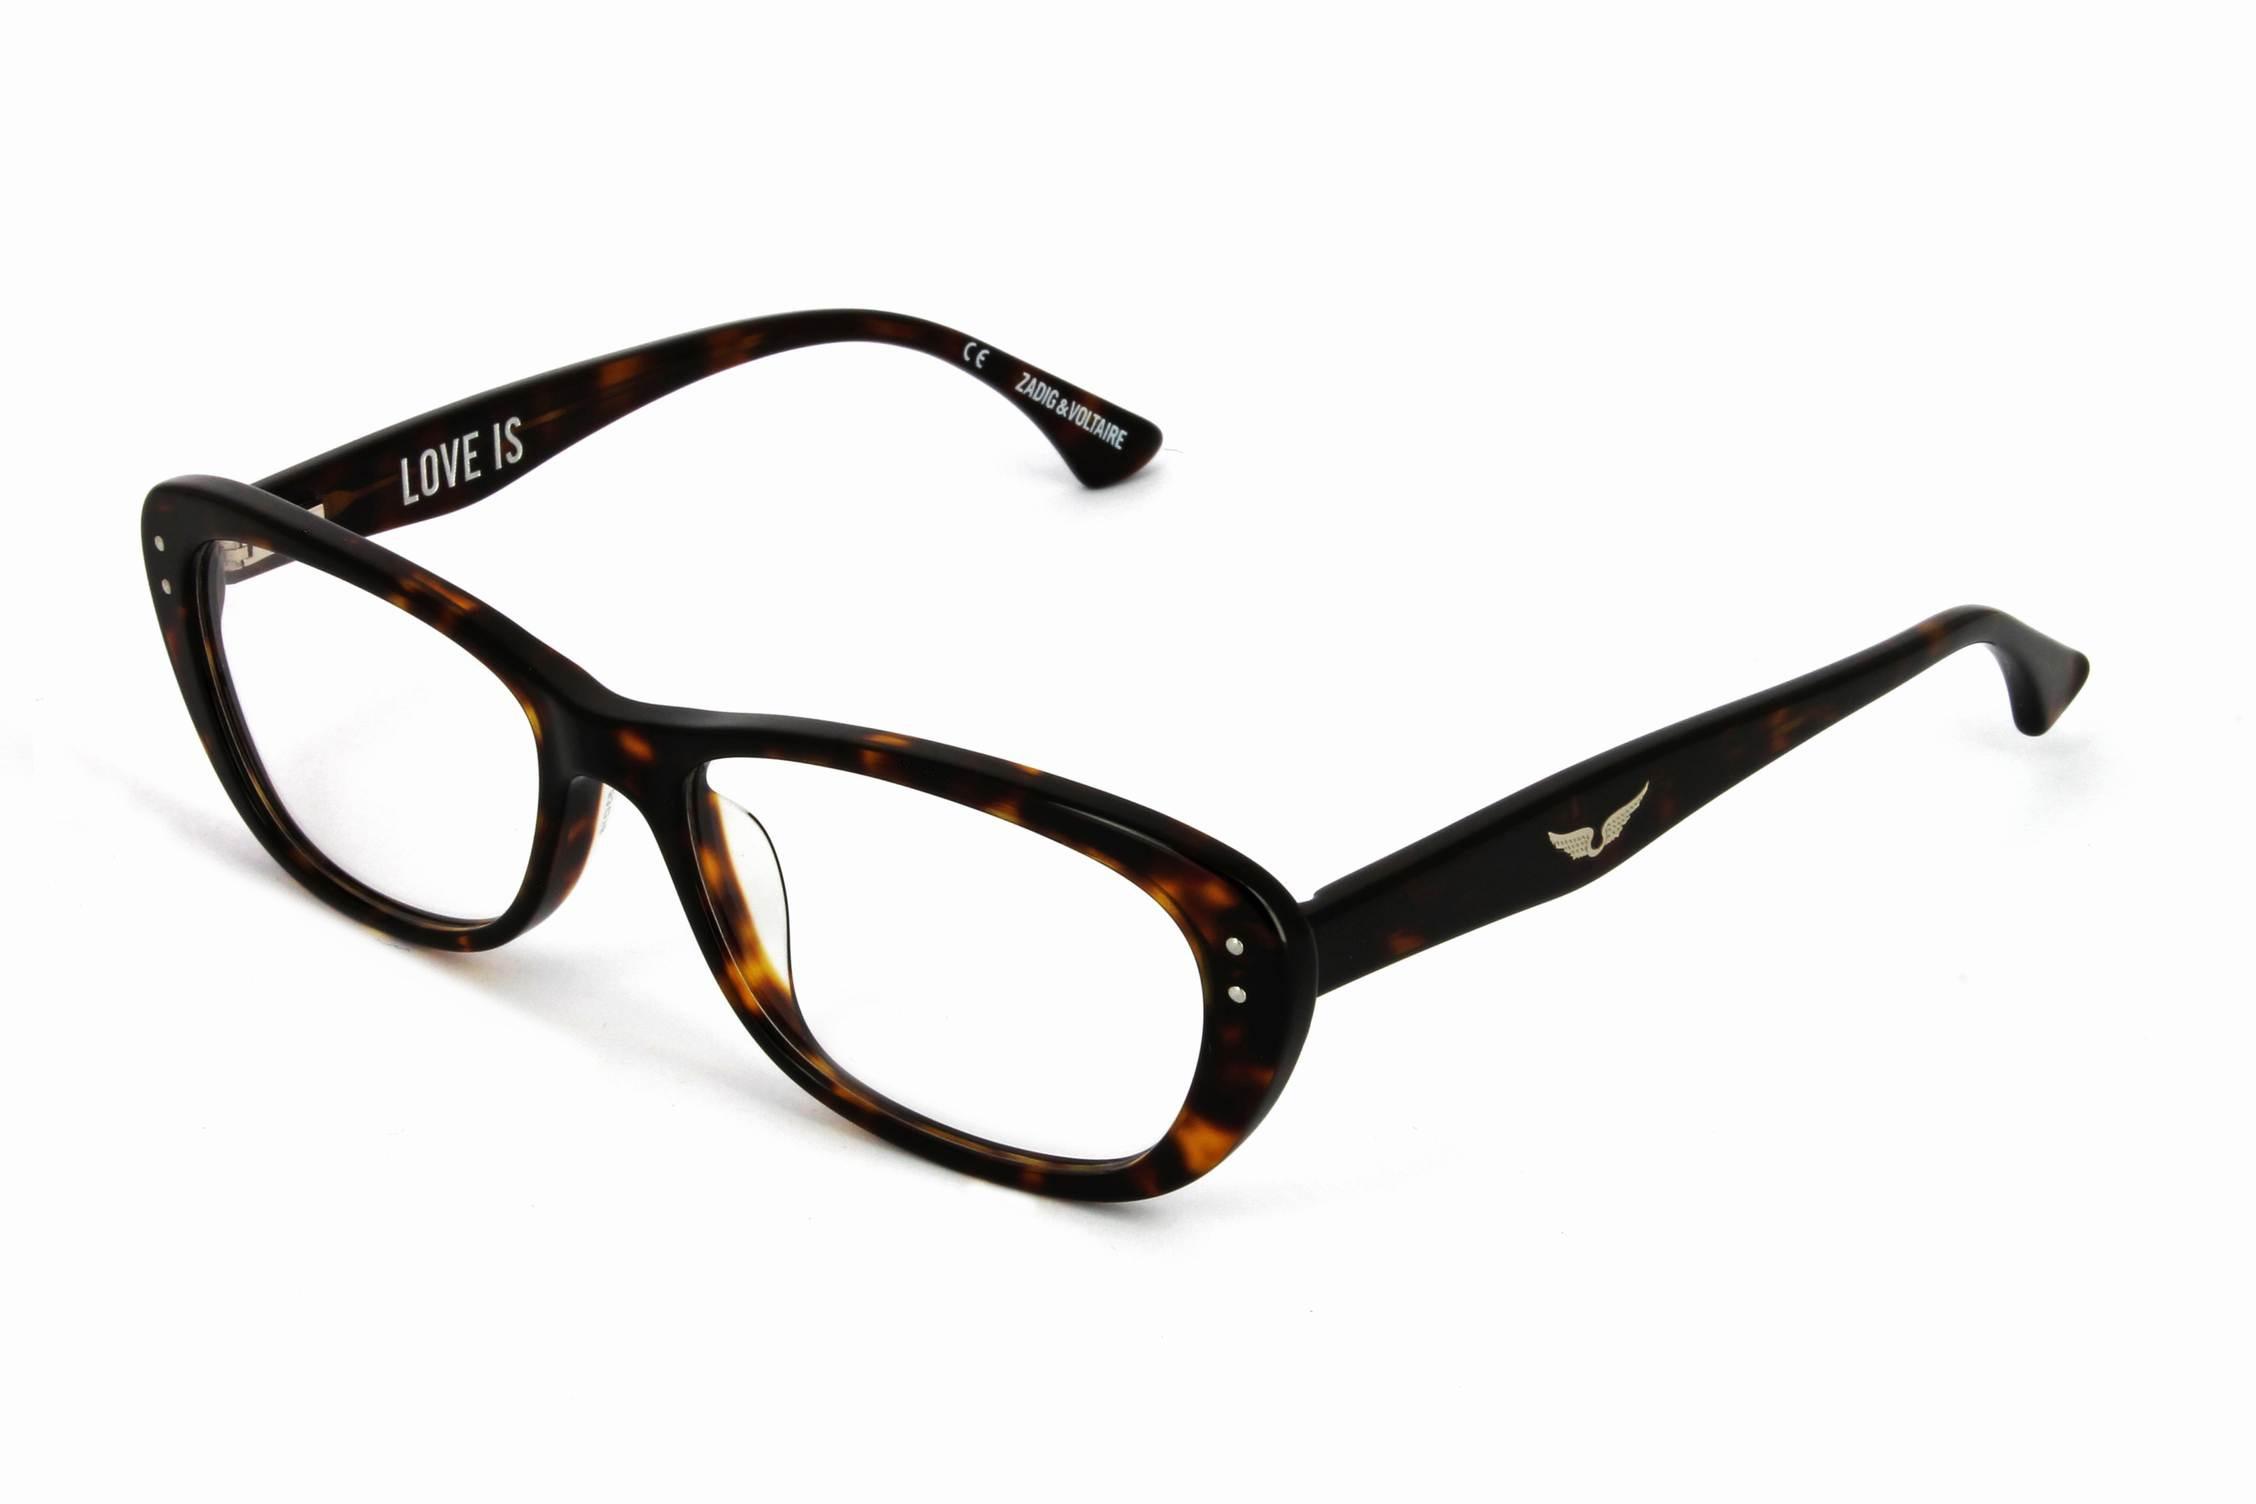 Lunette de vue : la marque de lunette de vue le plus notoire